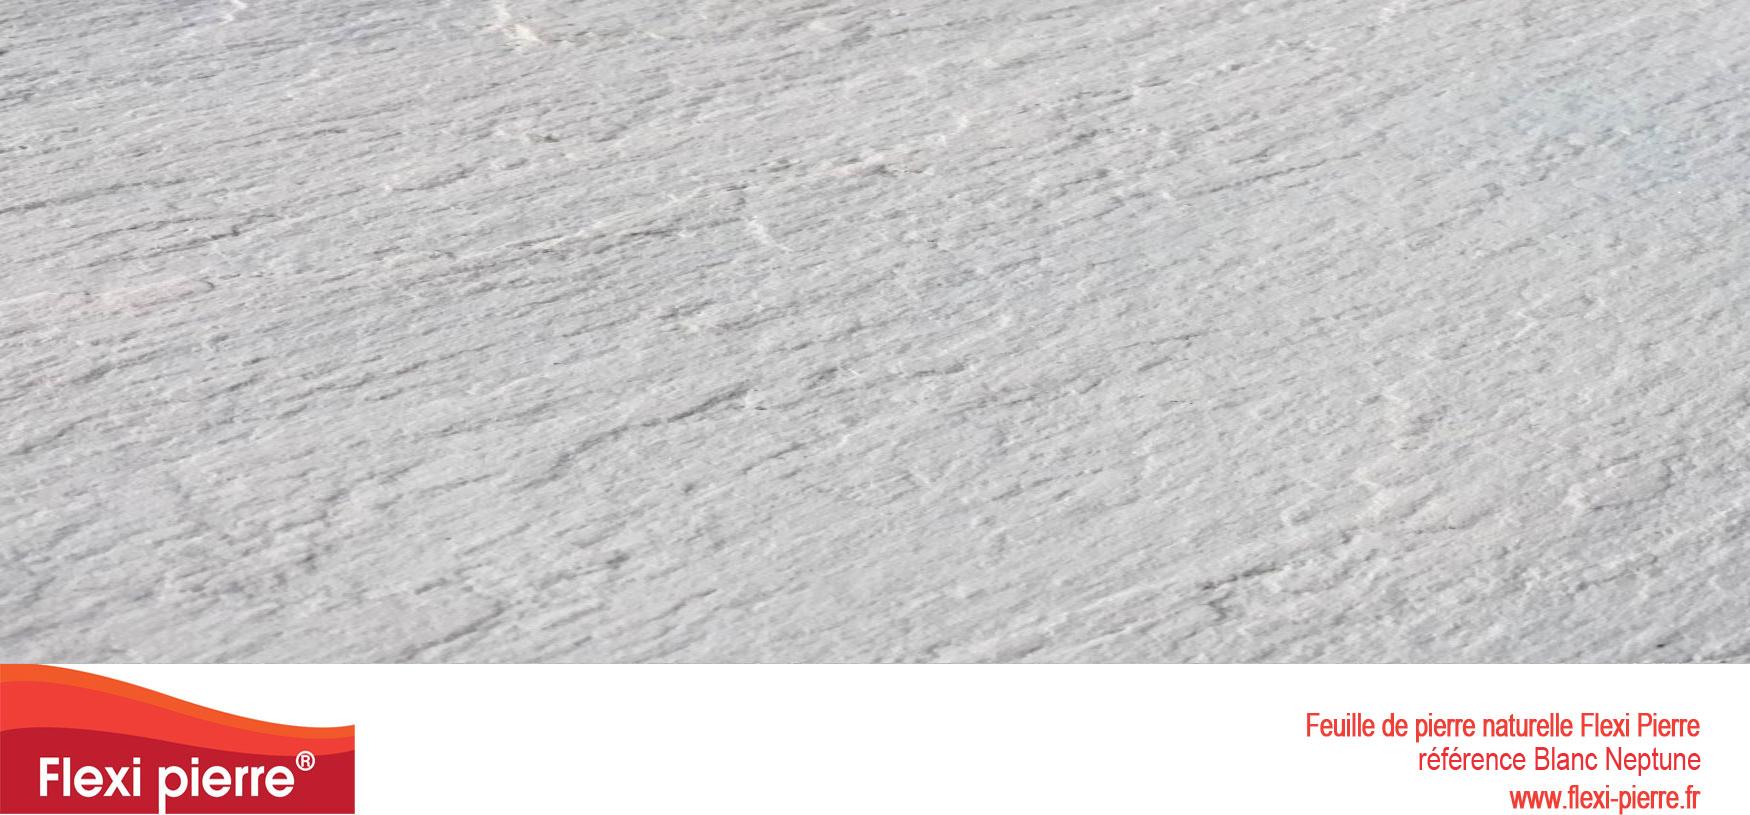 référence Blanc Neptune de feuille de pierre Flexi Pierre